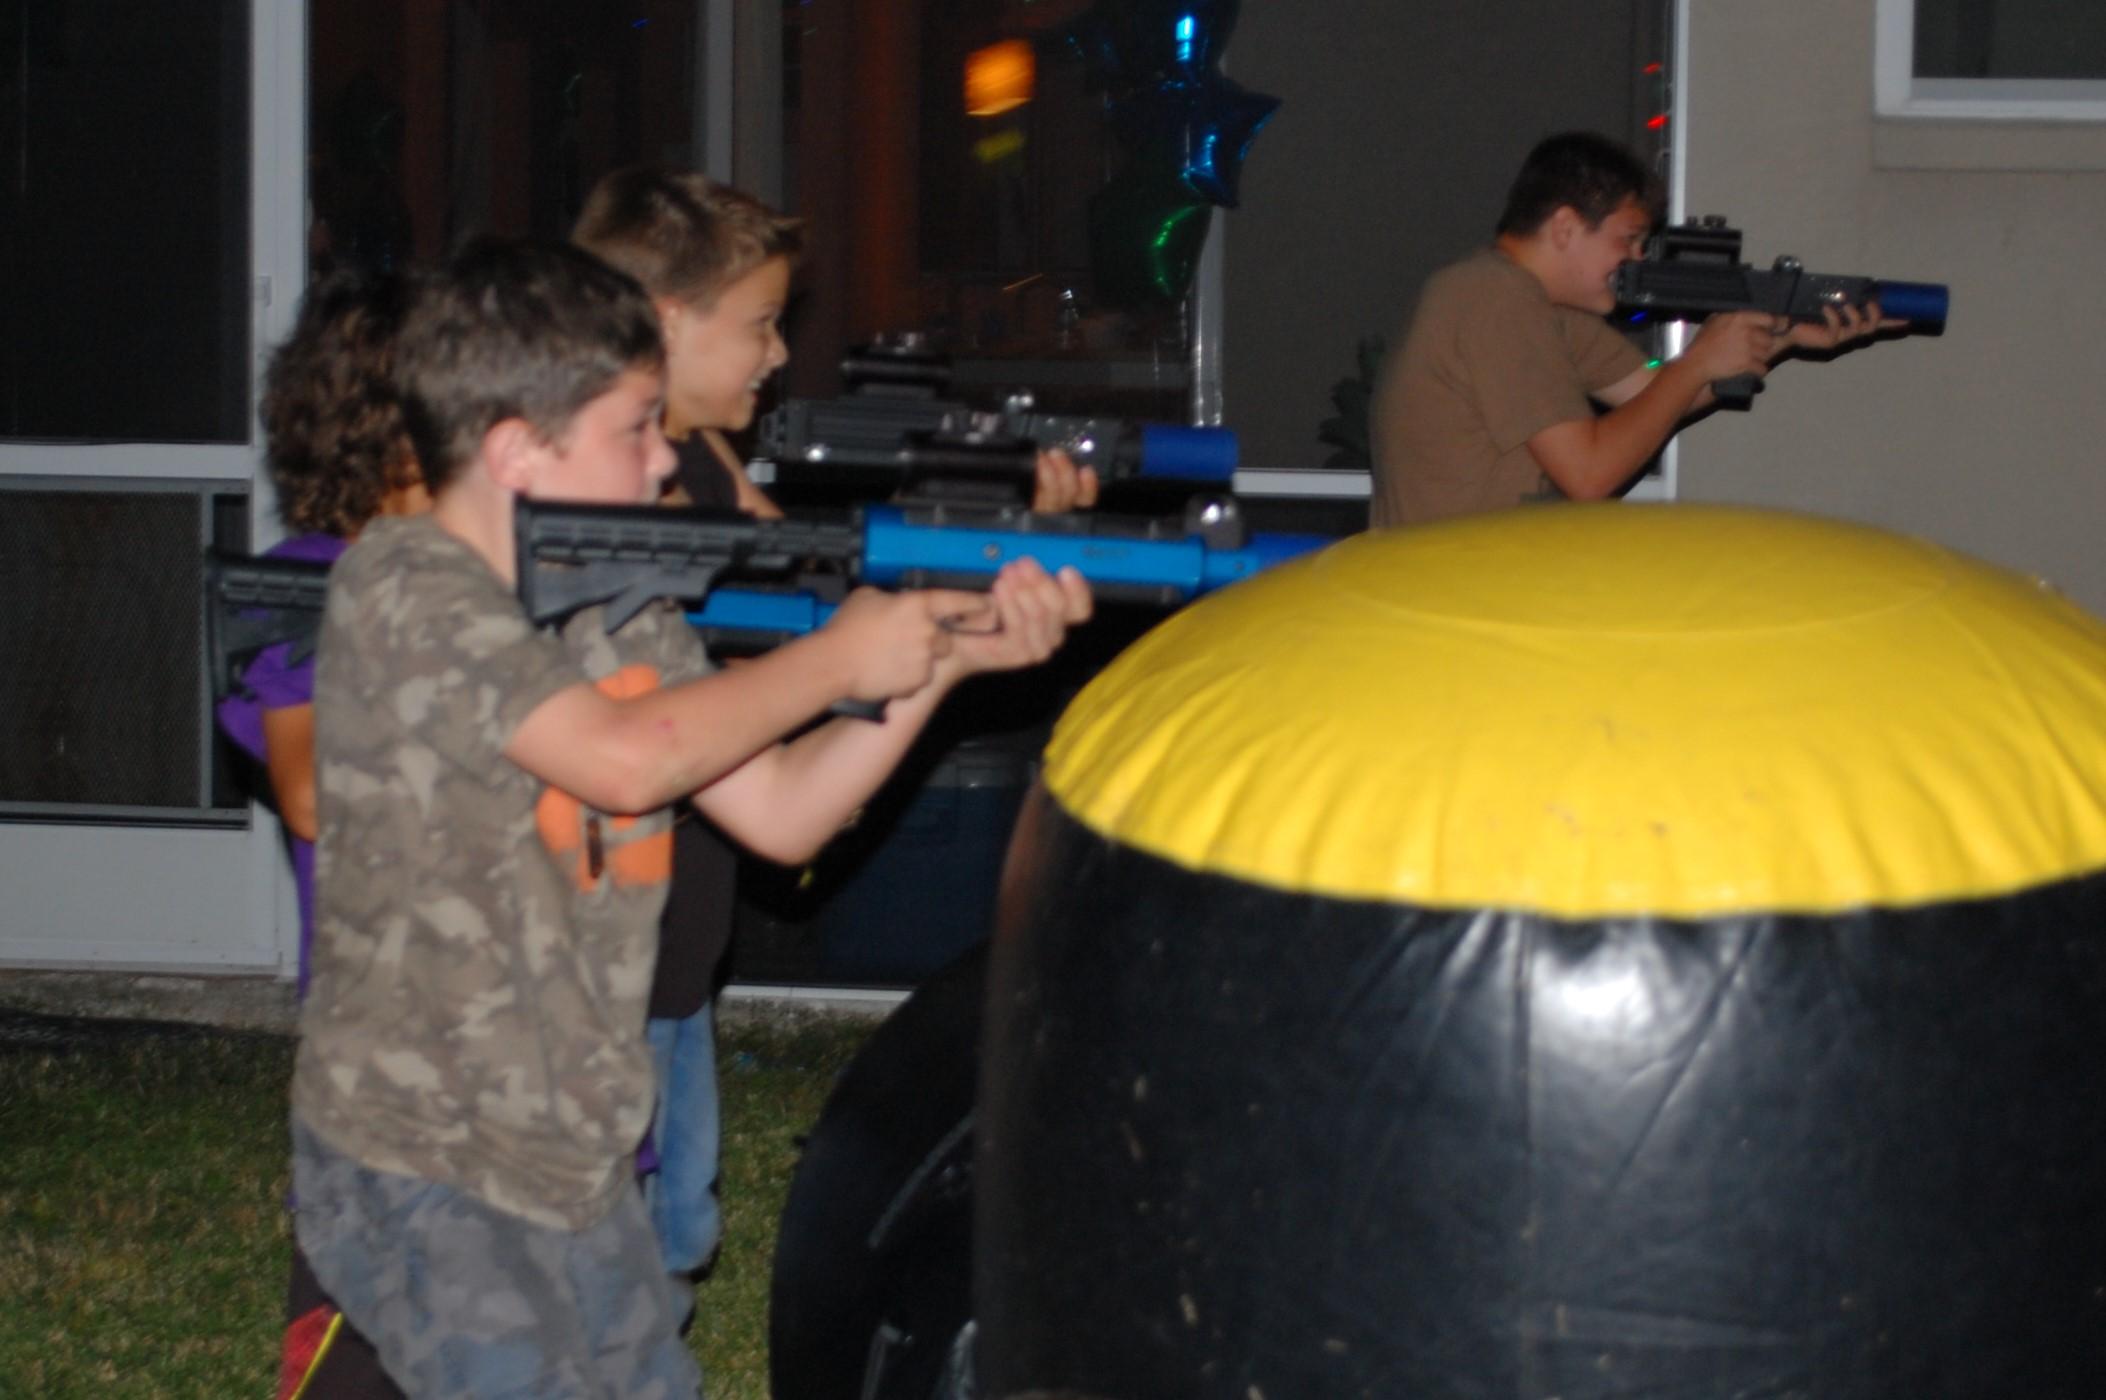 Laser Tag in Tampa,FL